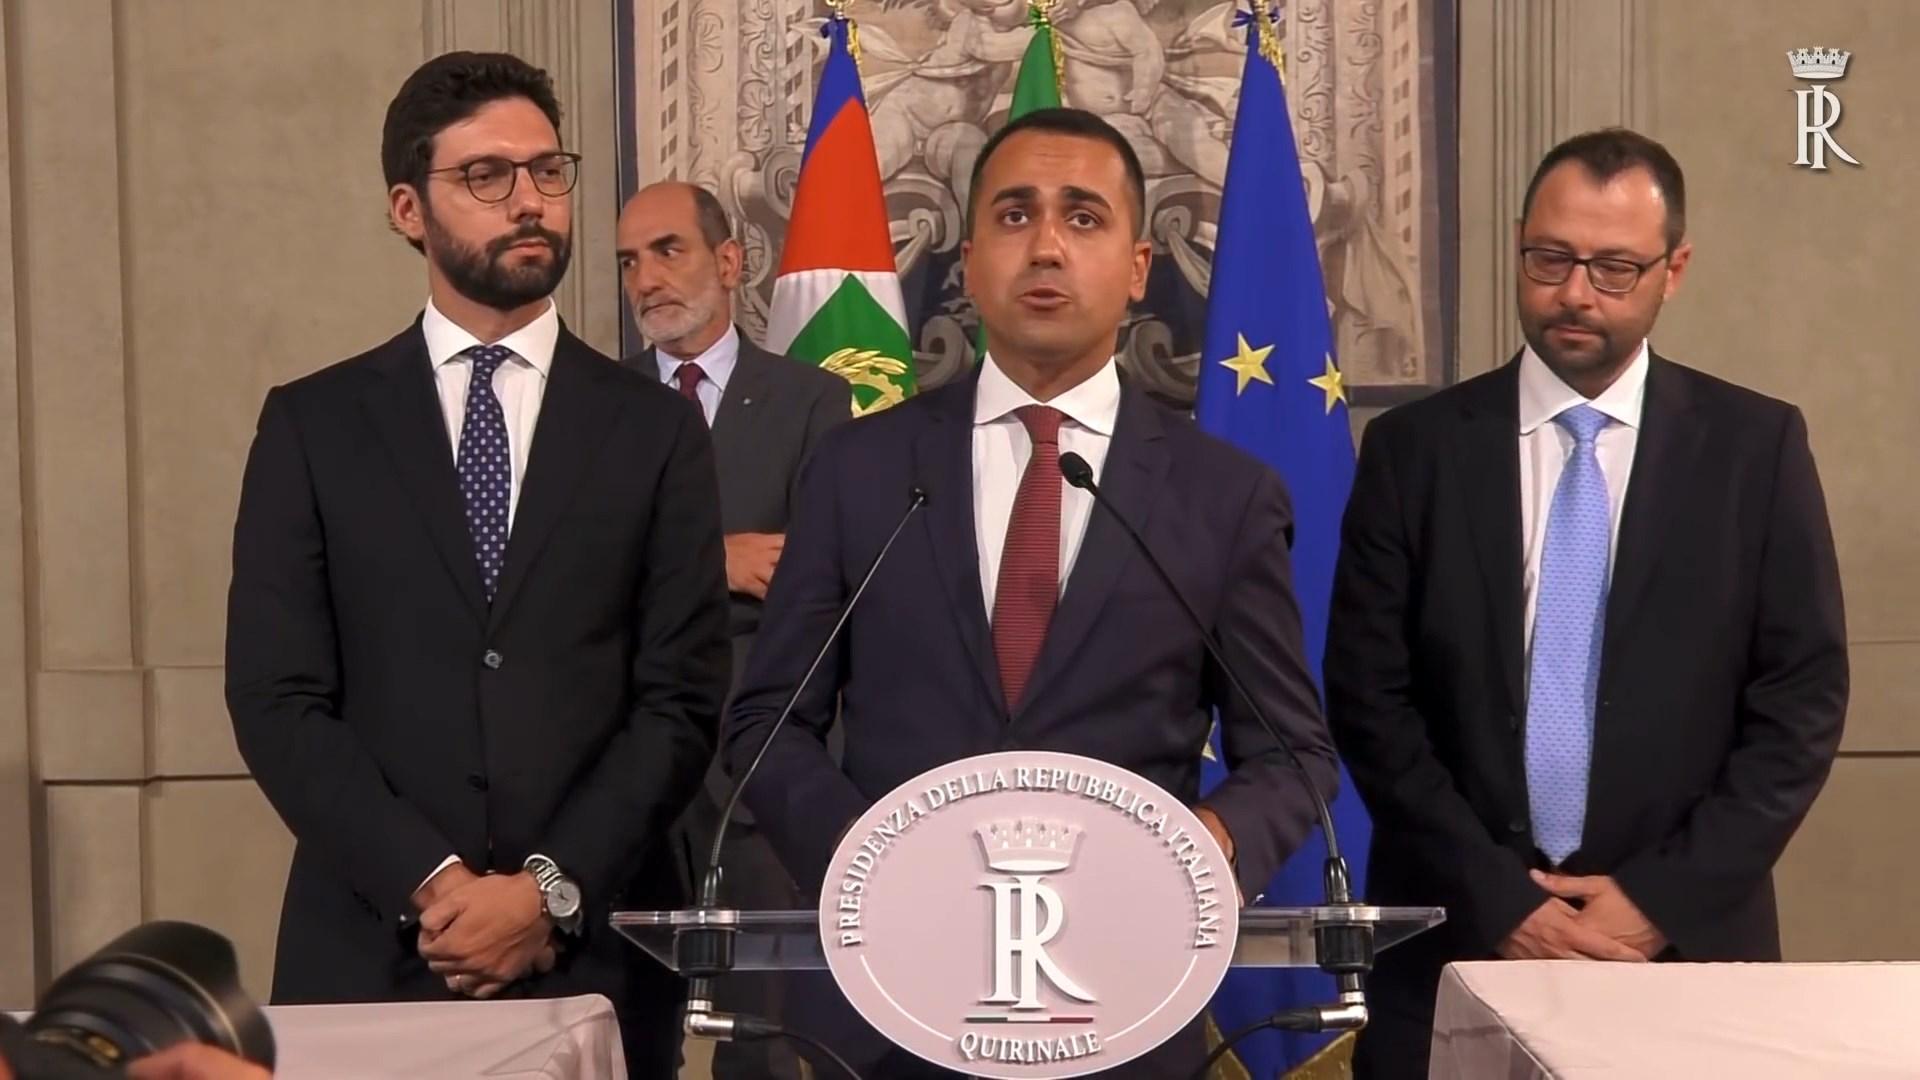 Kriza politike në Itali, përafrohen qëndrimet mes PD dhe Lëvizjes 5 yjet